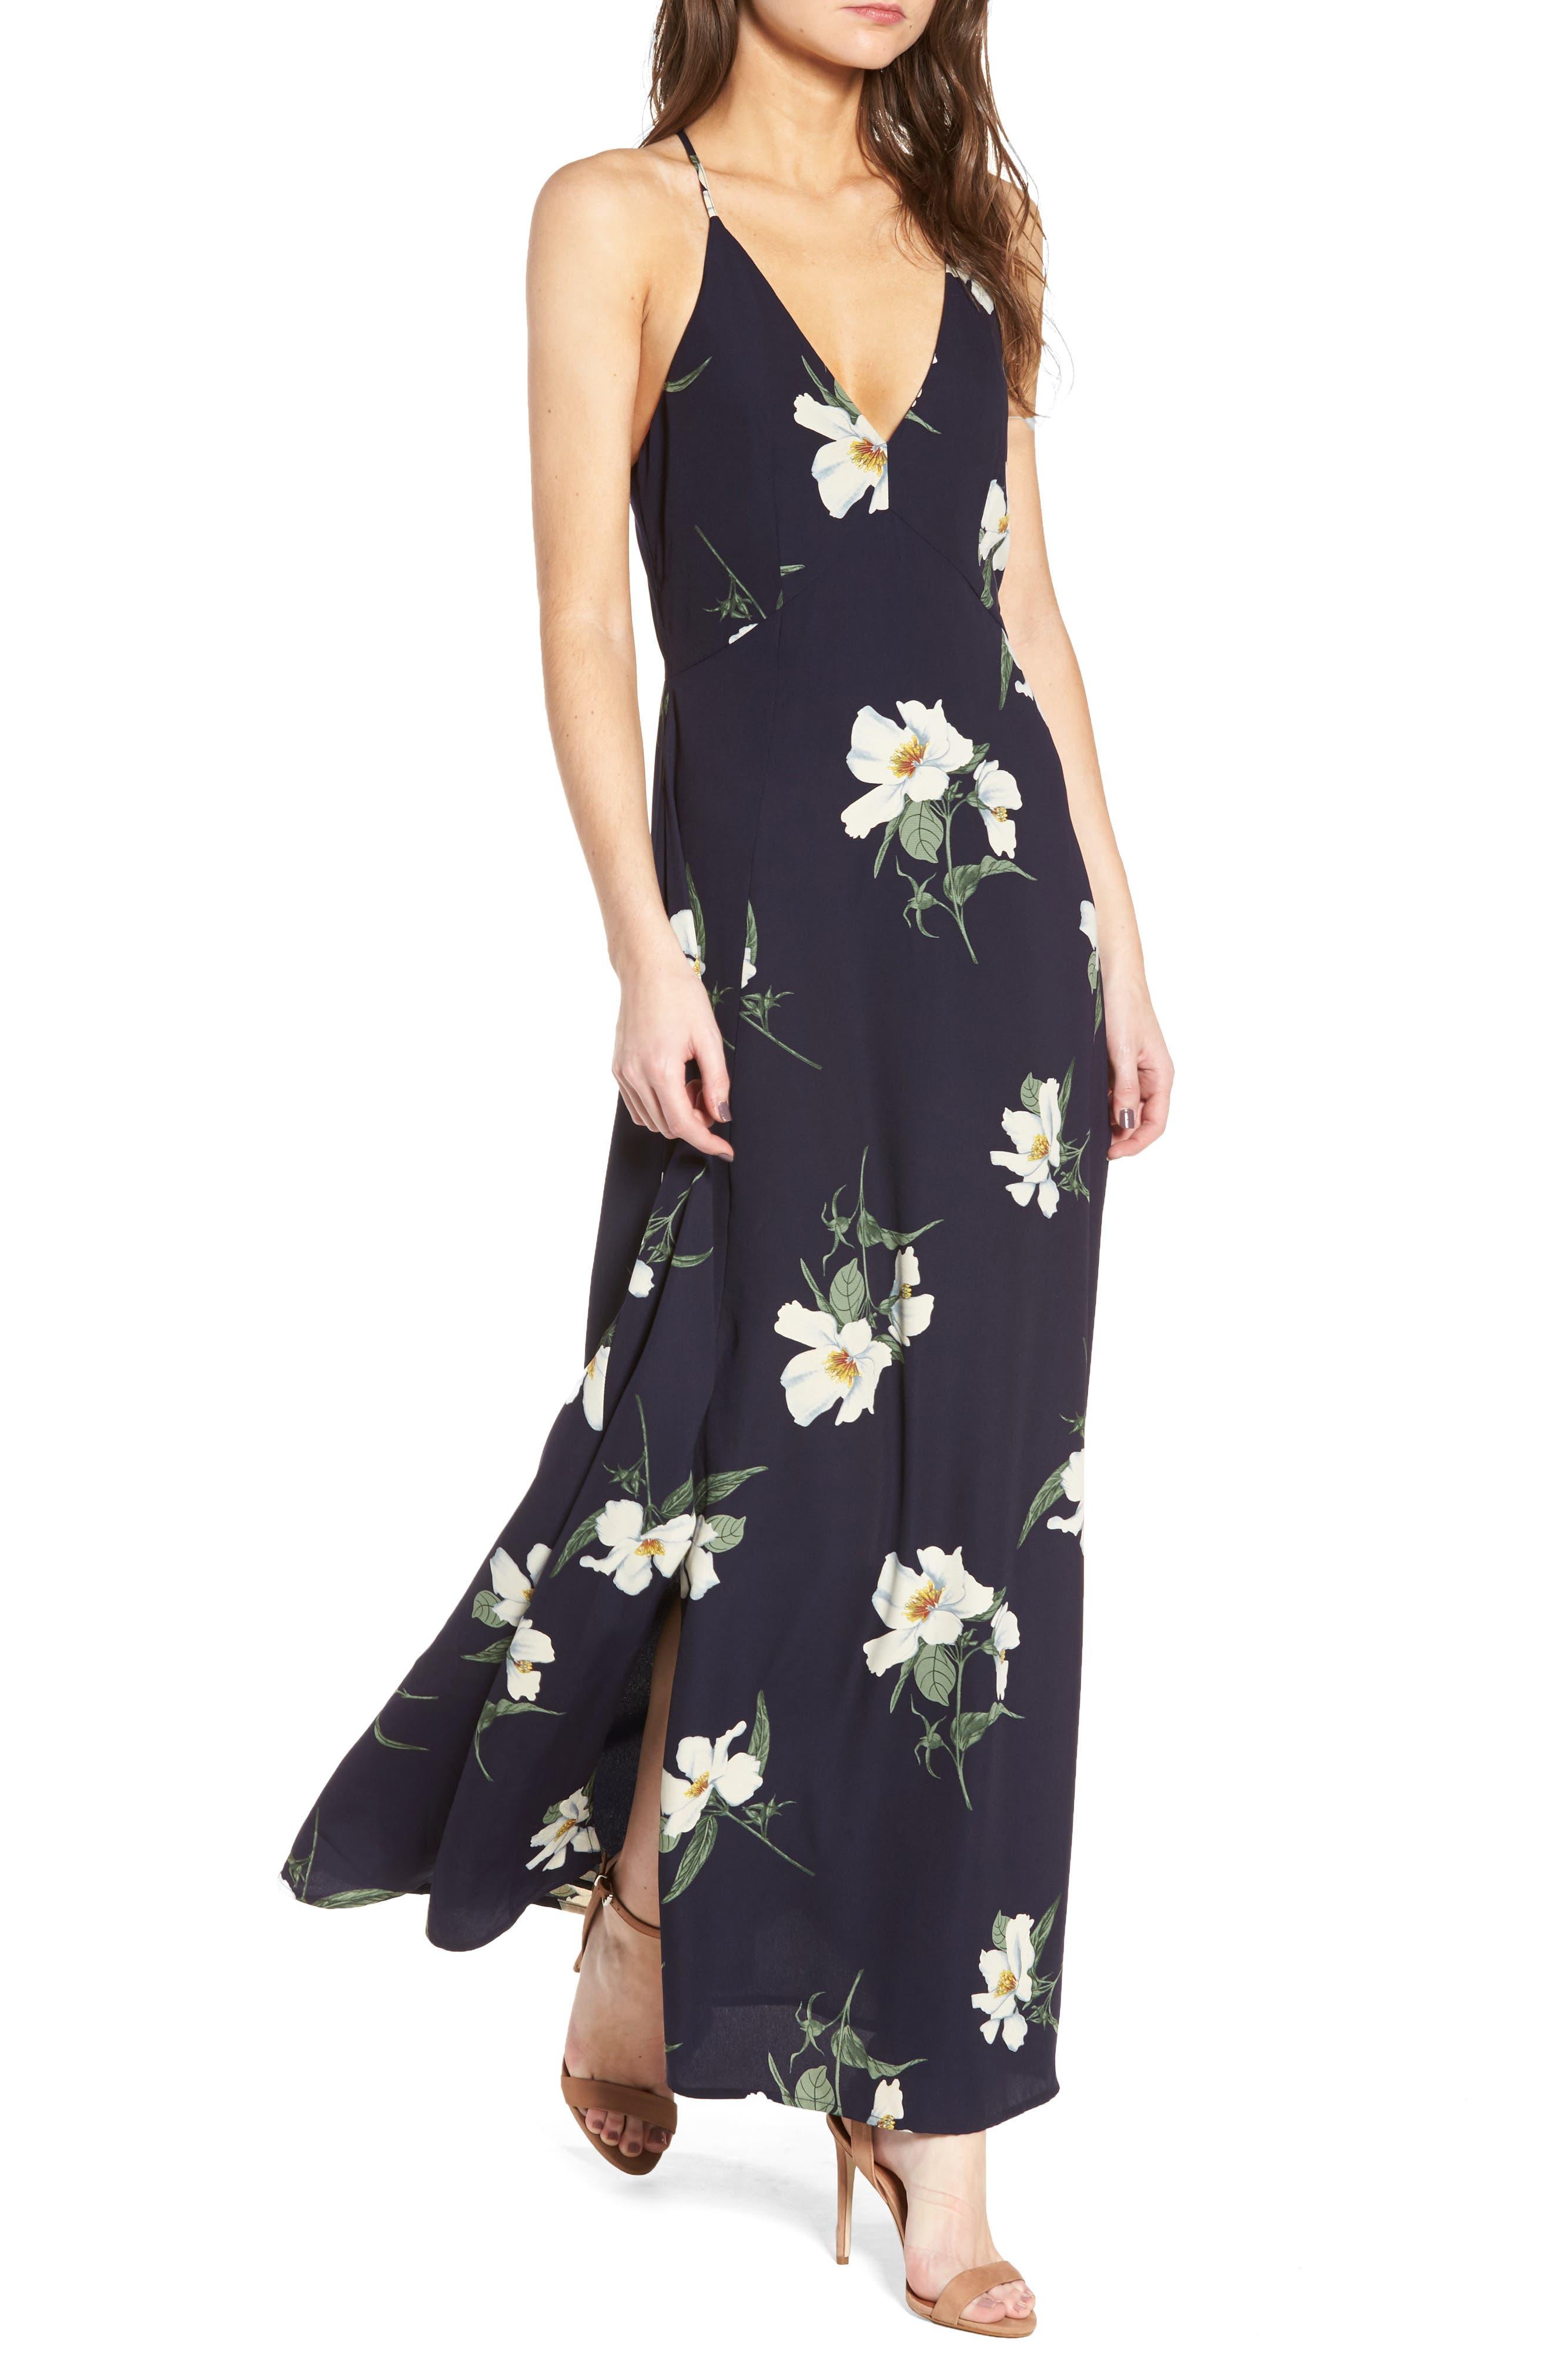 STOREE Floral Maxi Dress